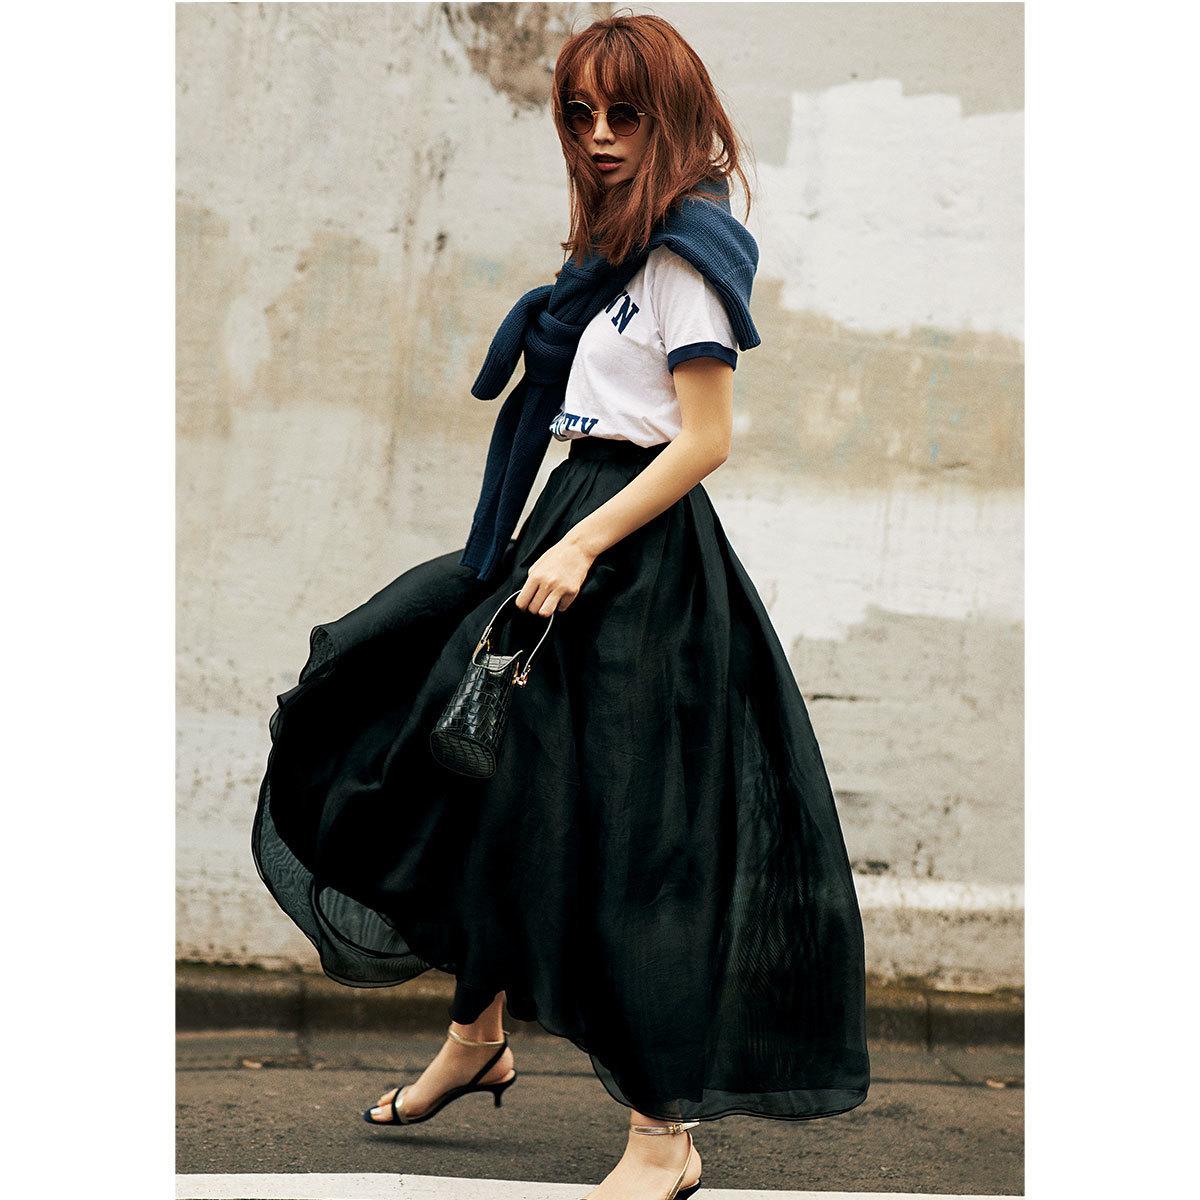 ■Tシャツ×肩がけニット×シルクのボリュームスカートコーデ